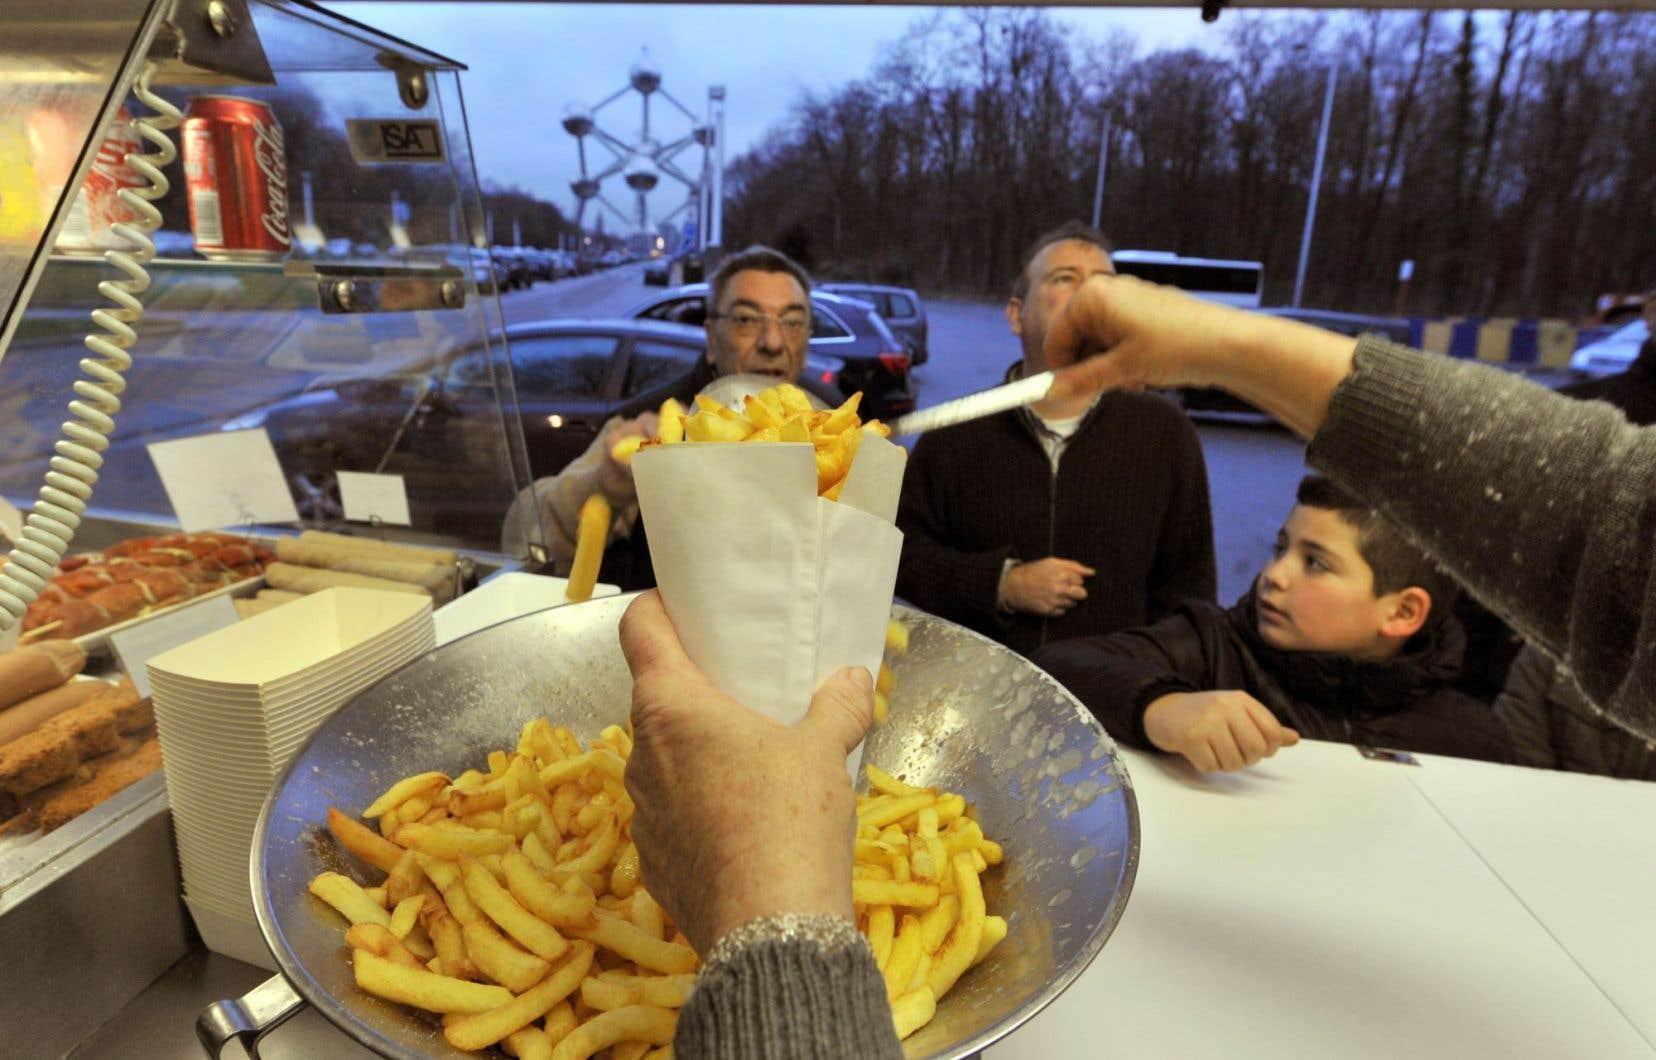 Toute une industrie est visée en Belgique, leader mondial de la transformation avec deux millions de tonnes de tubercules transformés en frites chaque année.